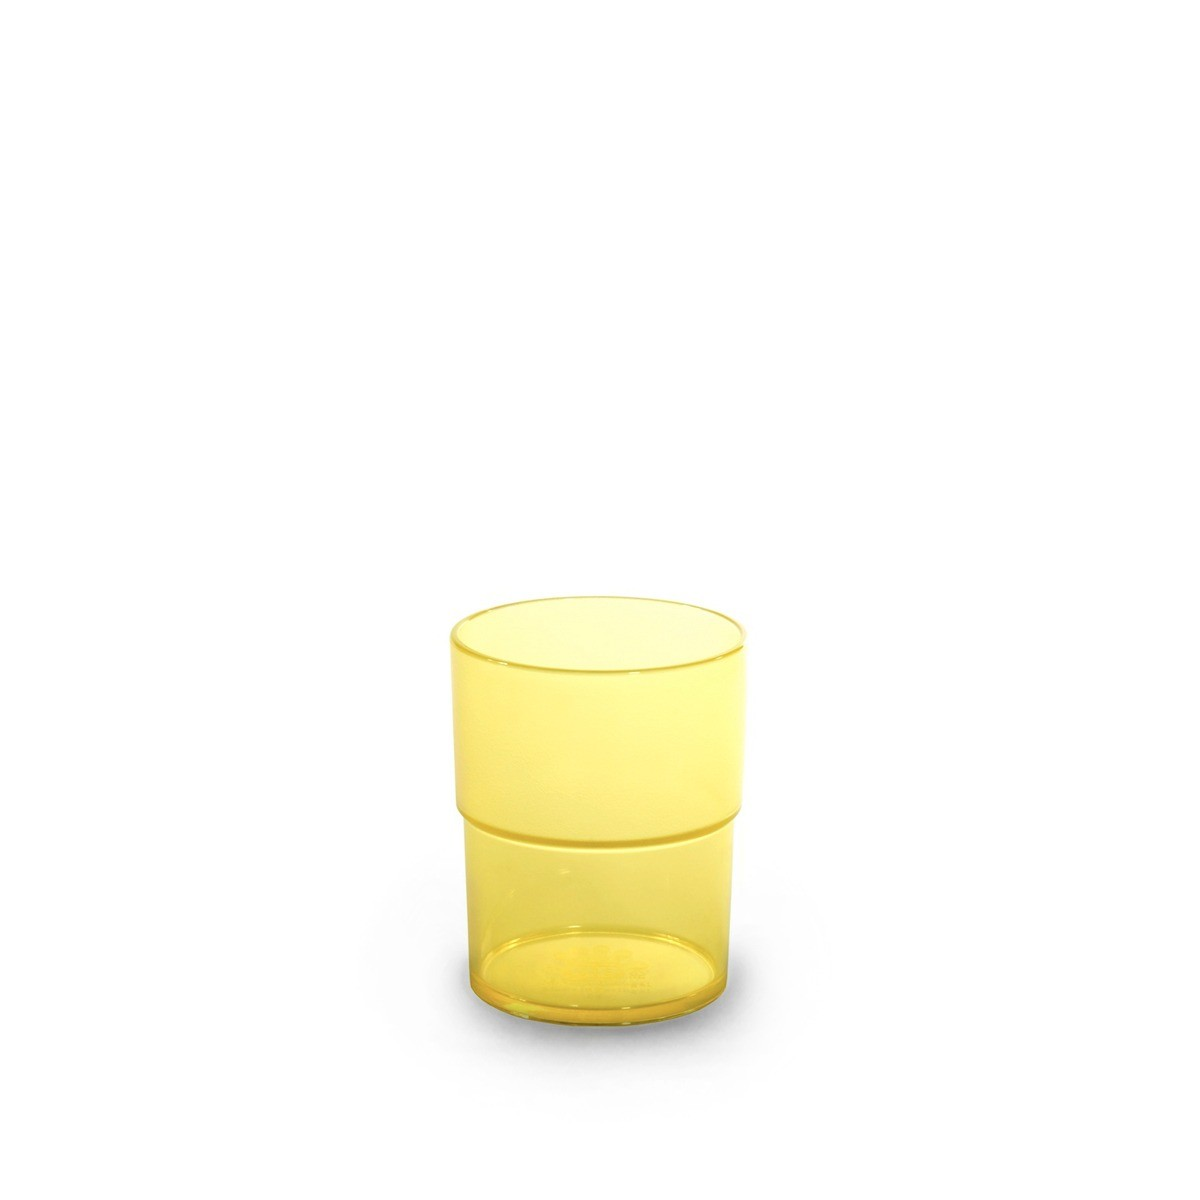 Gobelet jaune incassable et personnalisable.